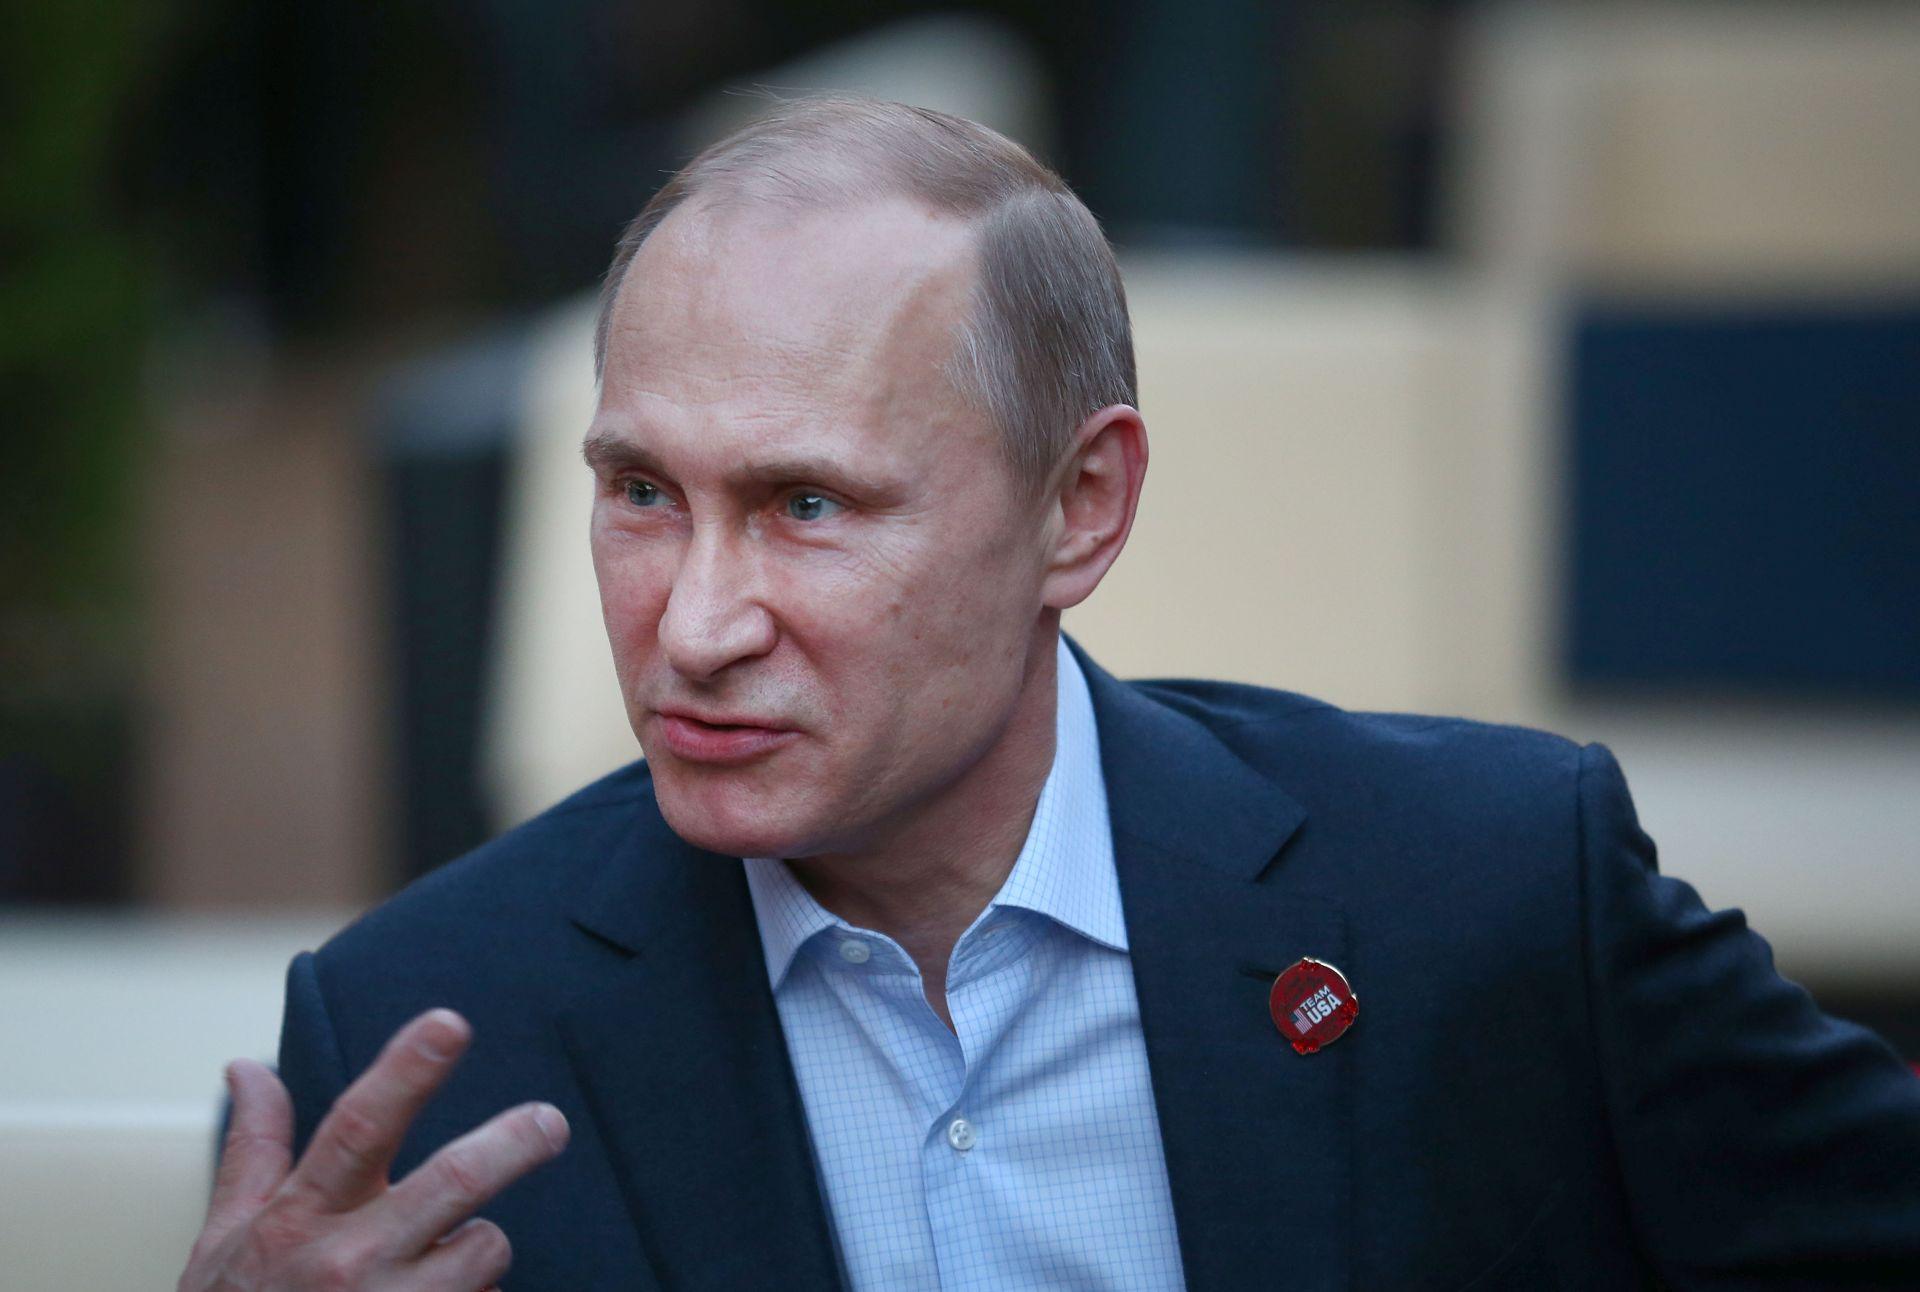 ISTOČNI EKONOMSKI FORUM: Putin pozvao na stvaranje međunarodne koalicije protiv ekstremizma